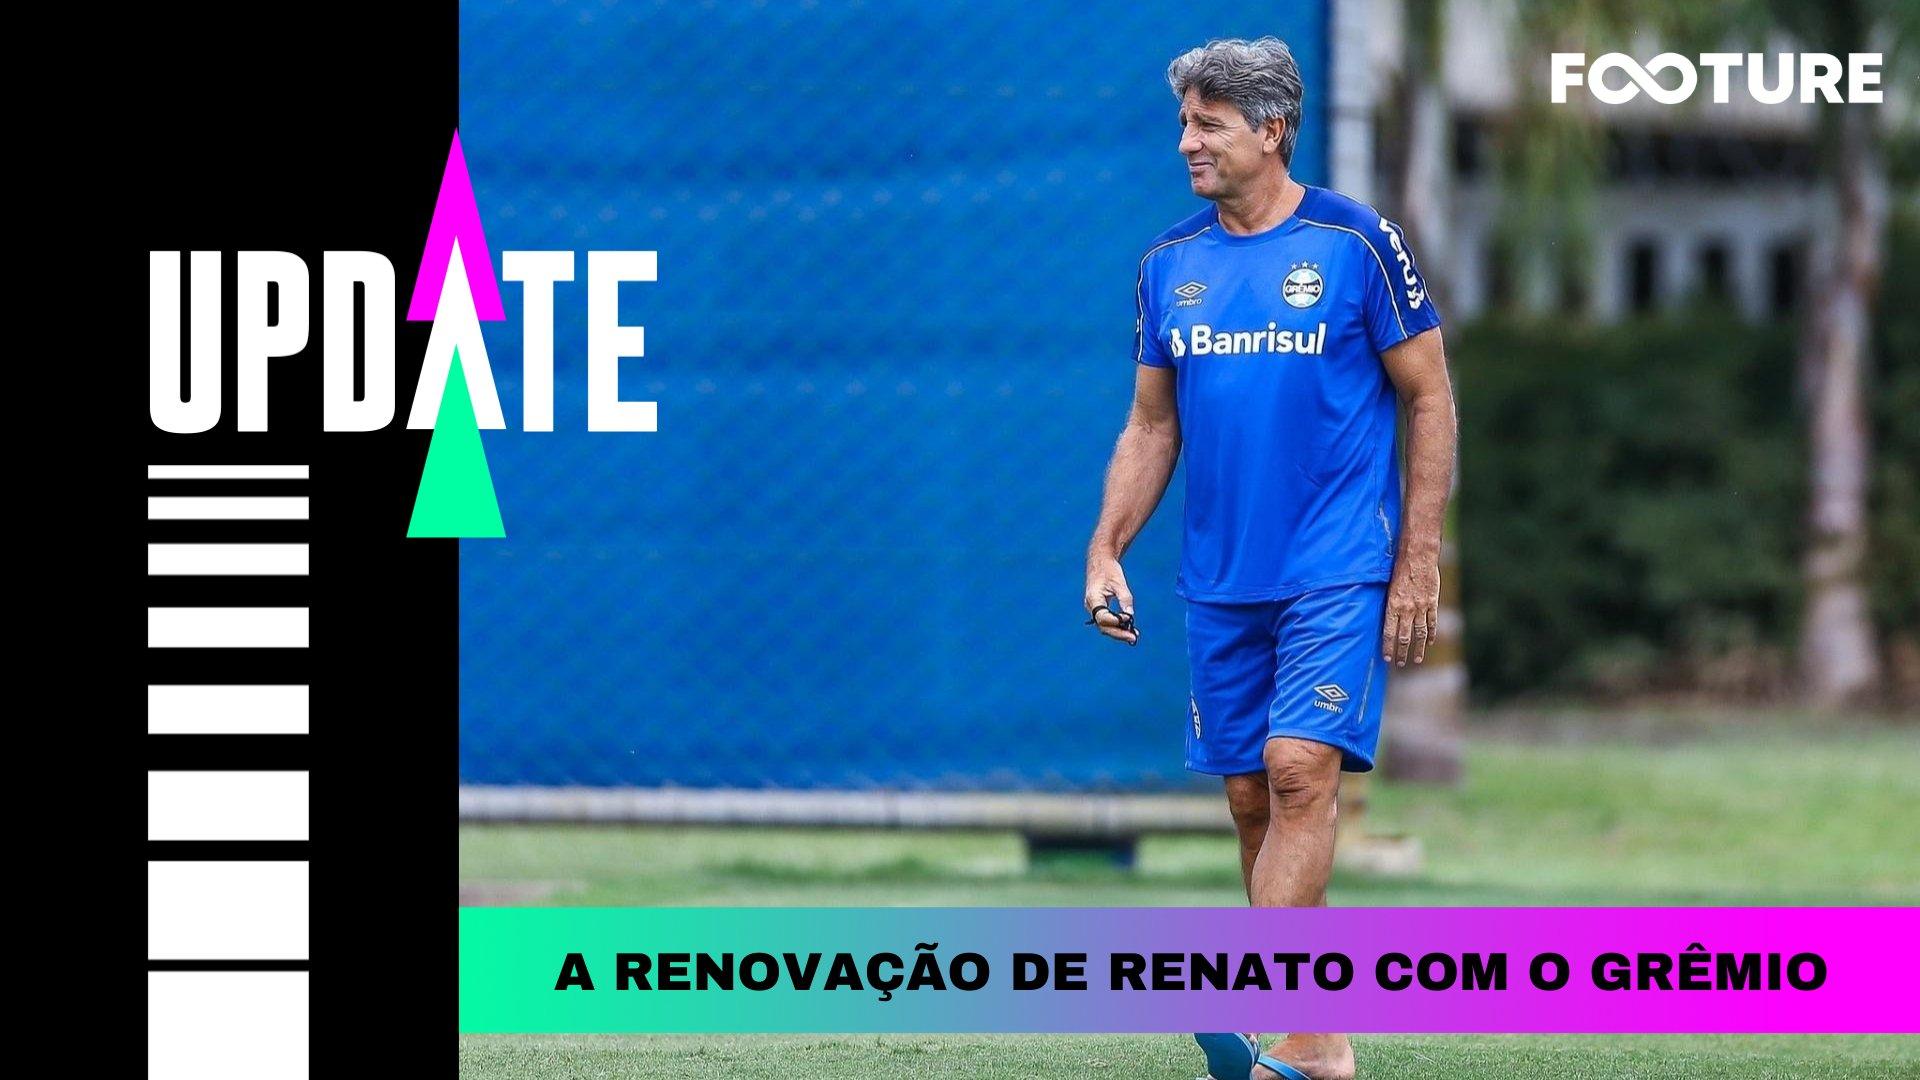 A renovação de Renato com o Grêmio